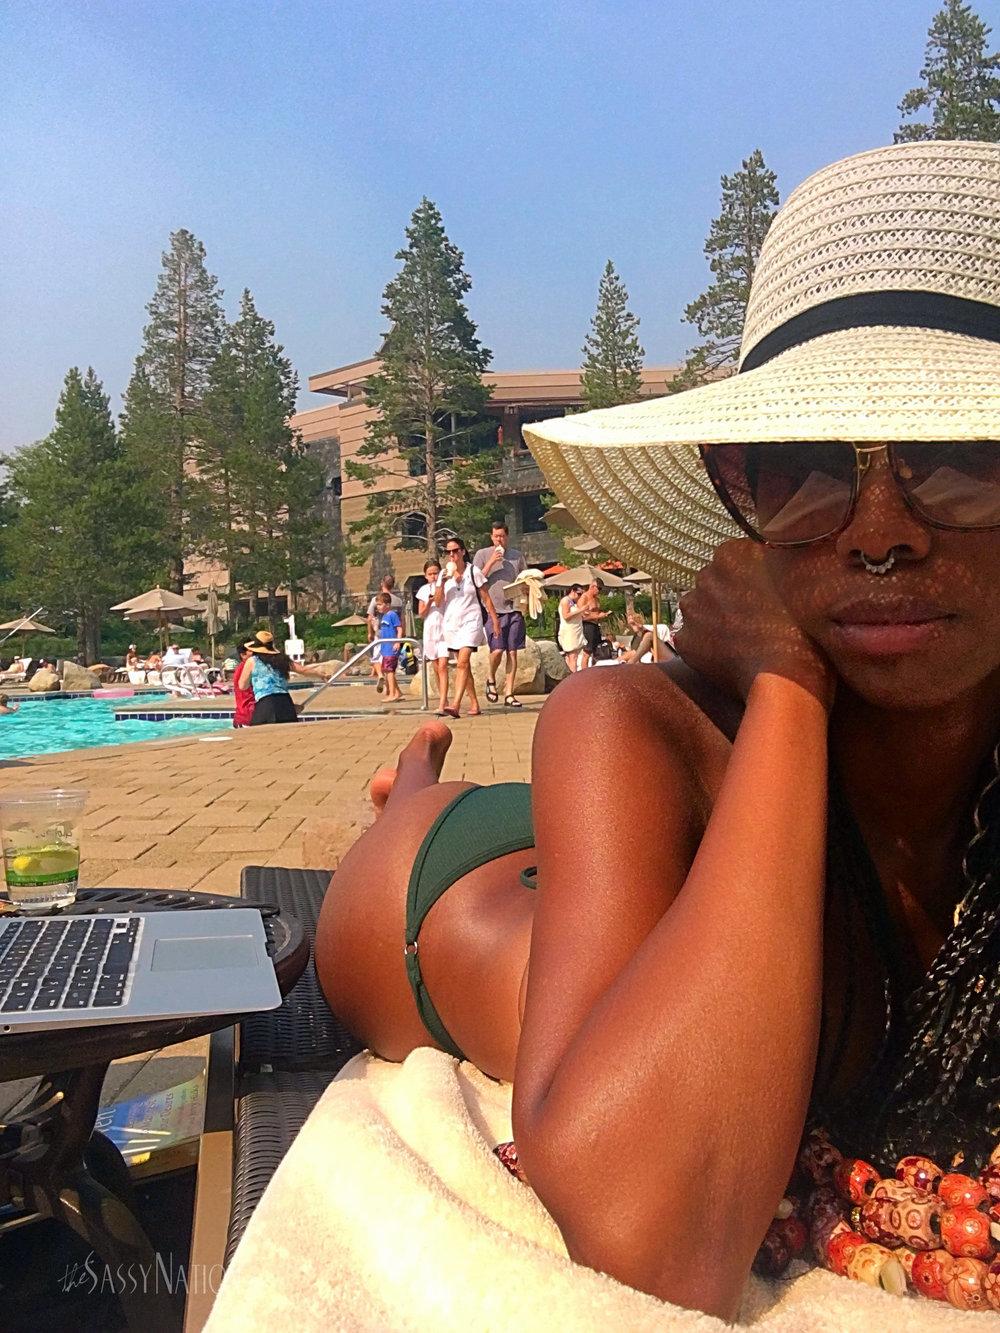 Lake_Tahoe_Summer_TheSassyNation-12.jpg